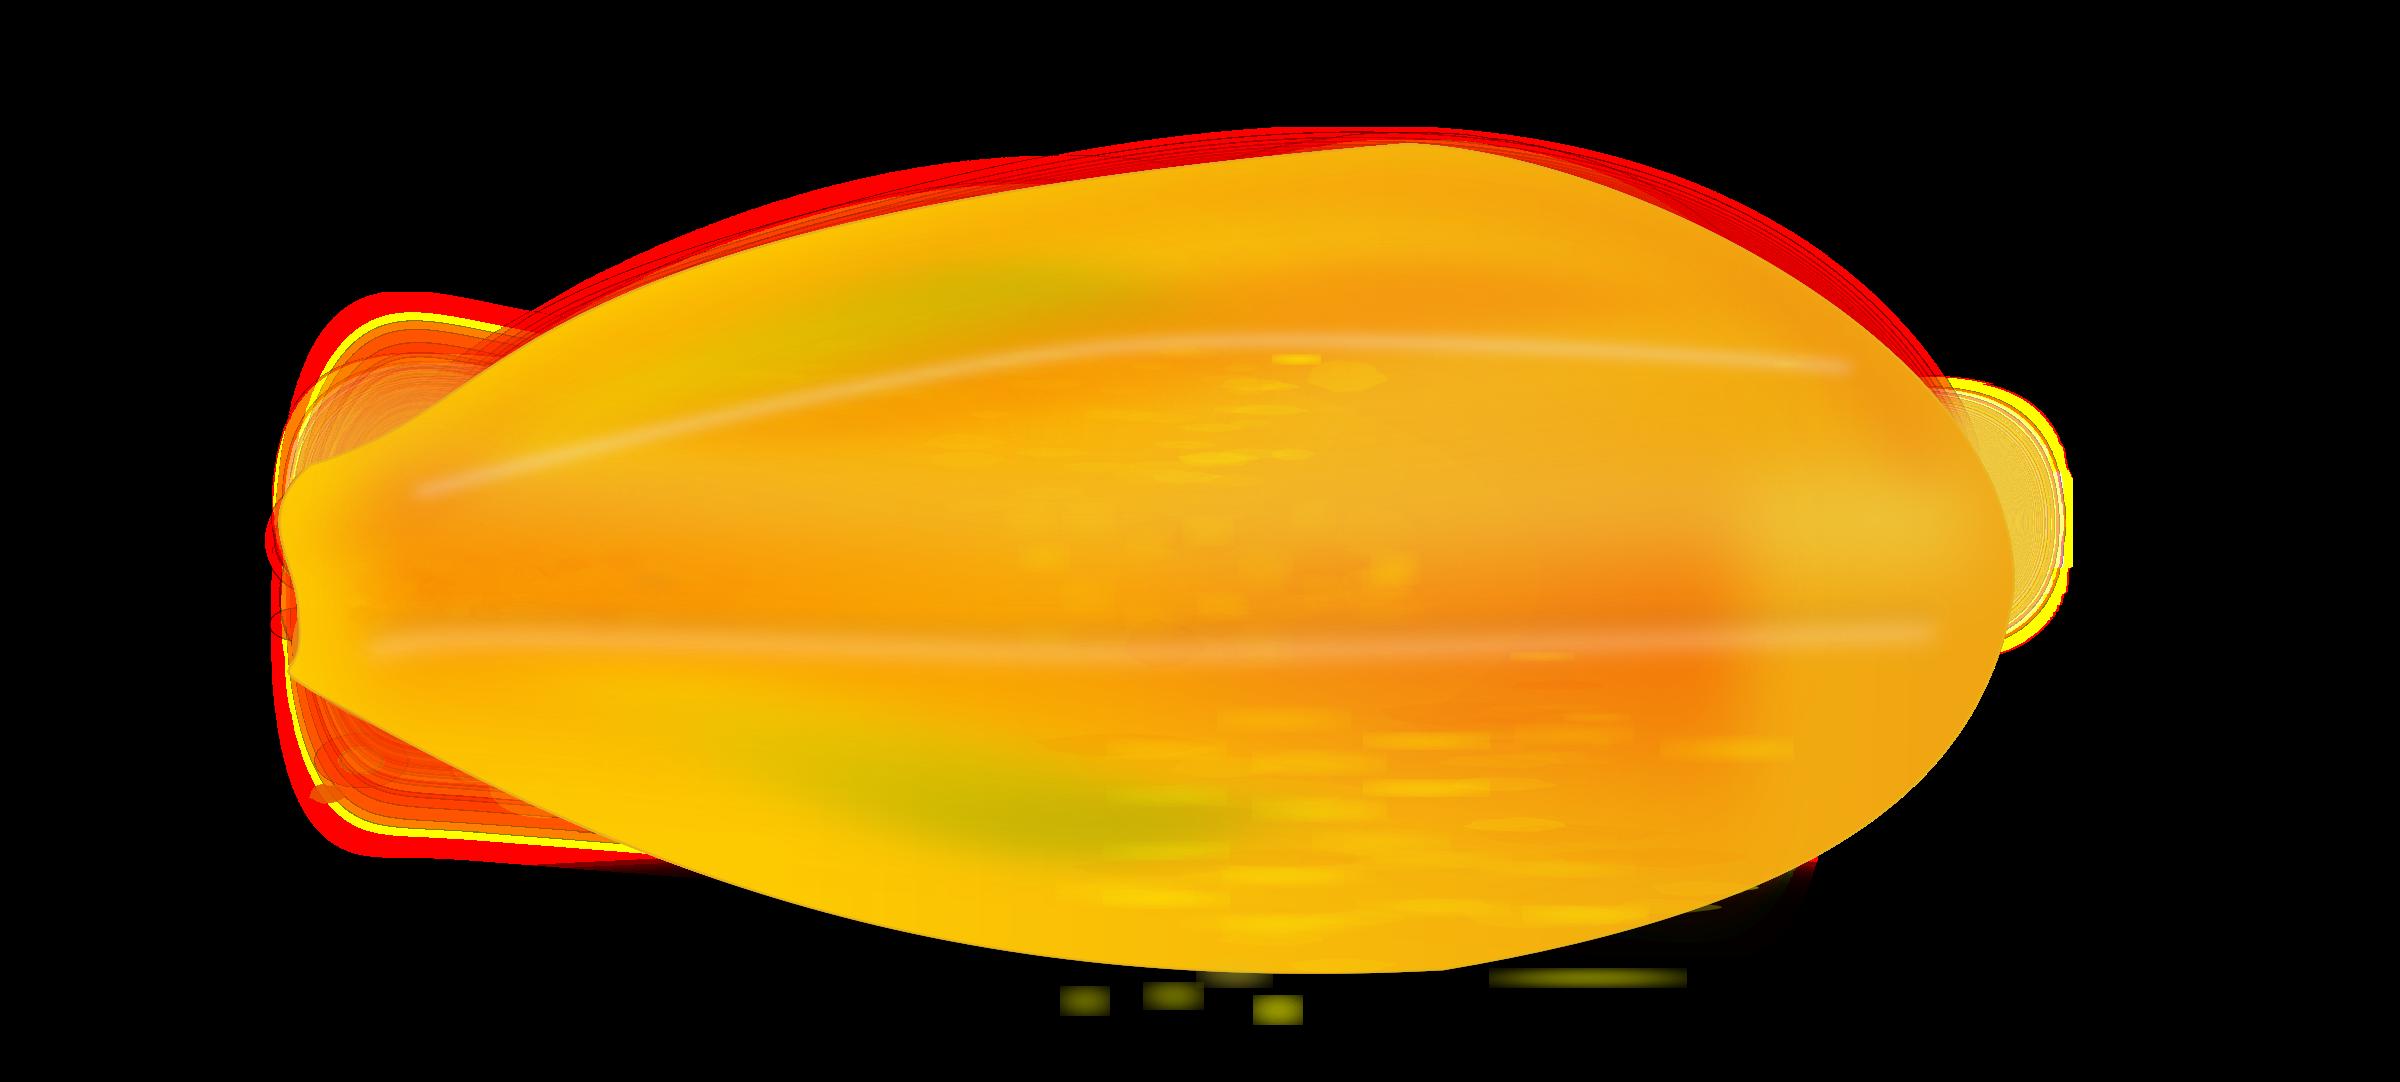 Orange clipart papaya. Big image png